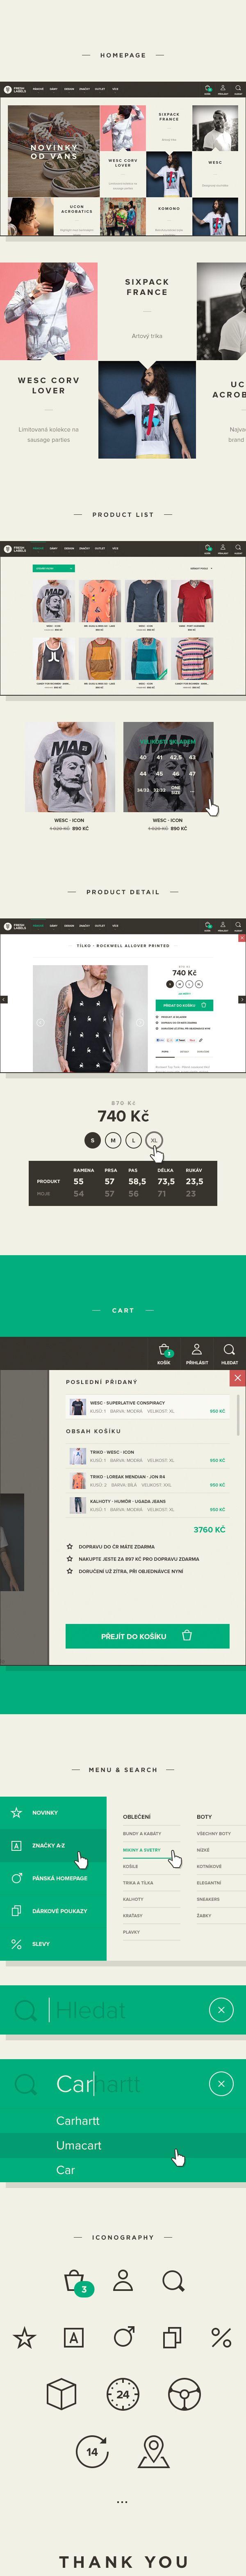 格狀切割 扁平向量風格 網頁設計